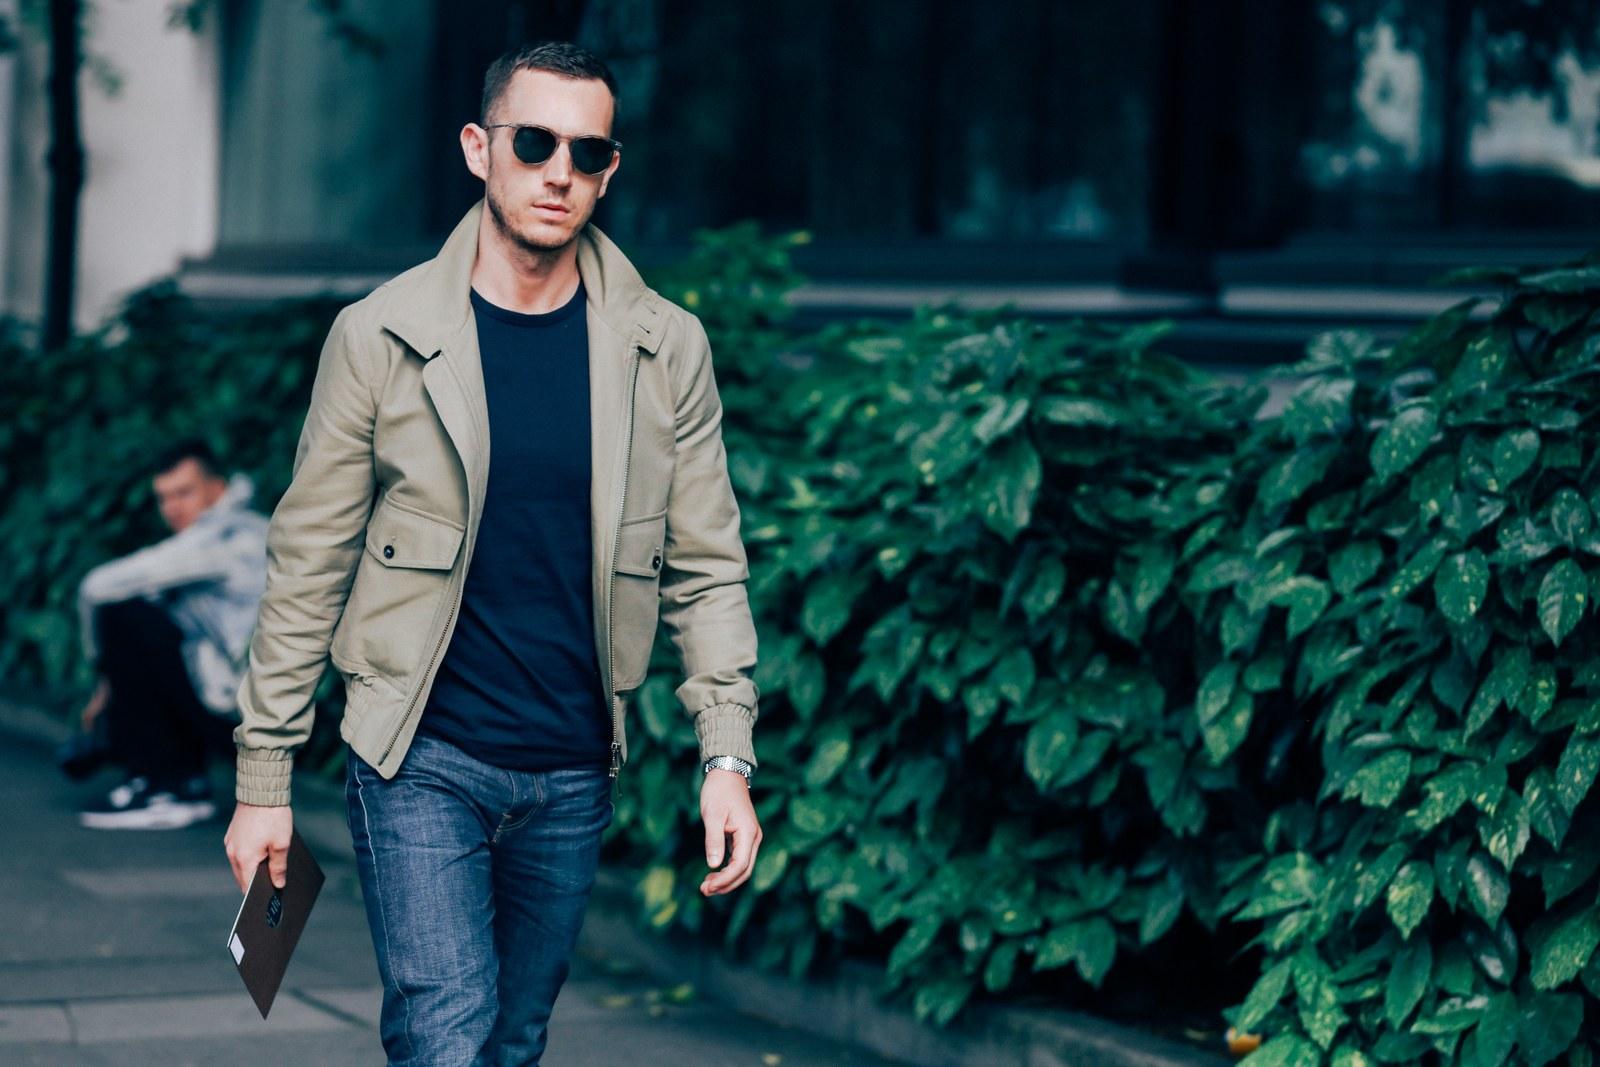 Le nouveau manteau Camel : À présent, vous avez, sans doute, amassé un trésor impressionnant de vêtements noir et marine, ce qui est excellent. Les couleurs sombres c'est bien. Mais quand vous voulez vous distinguer de la foule, essayez une veste kaki, comme celui-ci, repérée dans les rues de la Fashion Week.